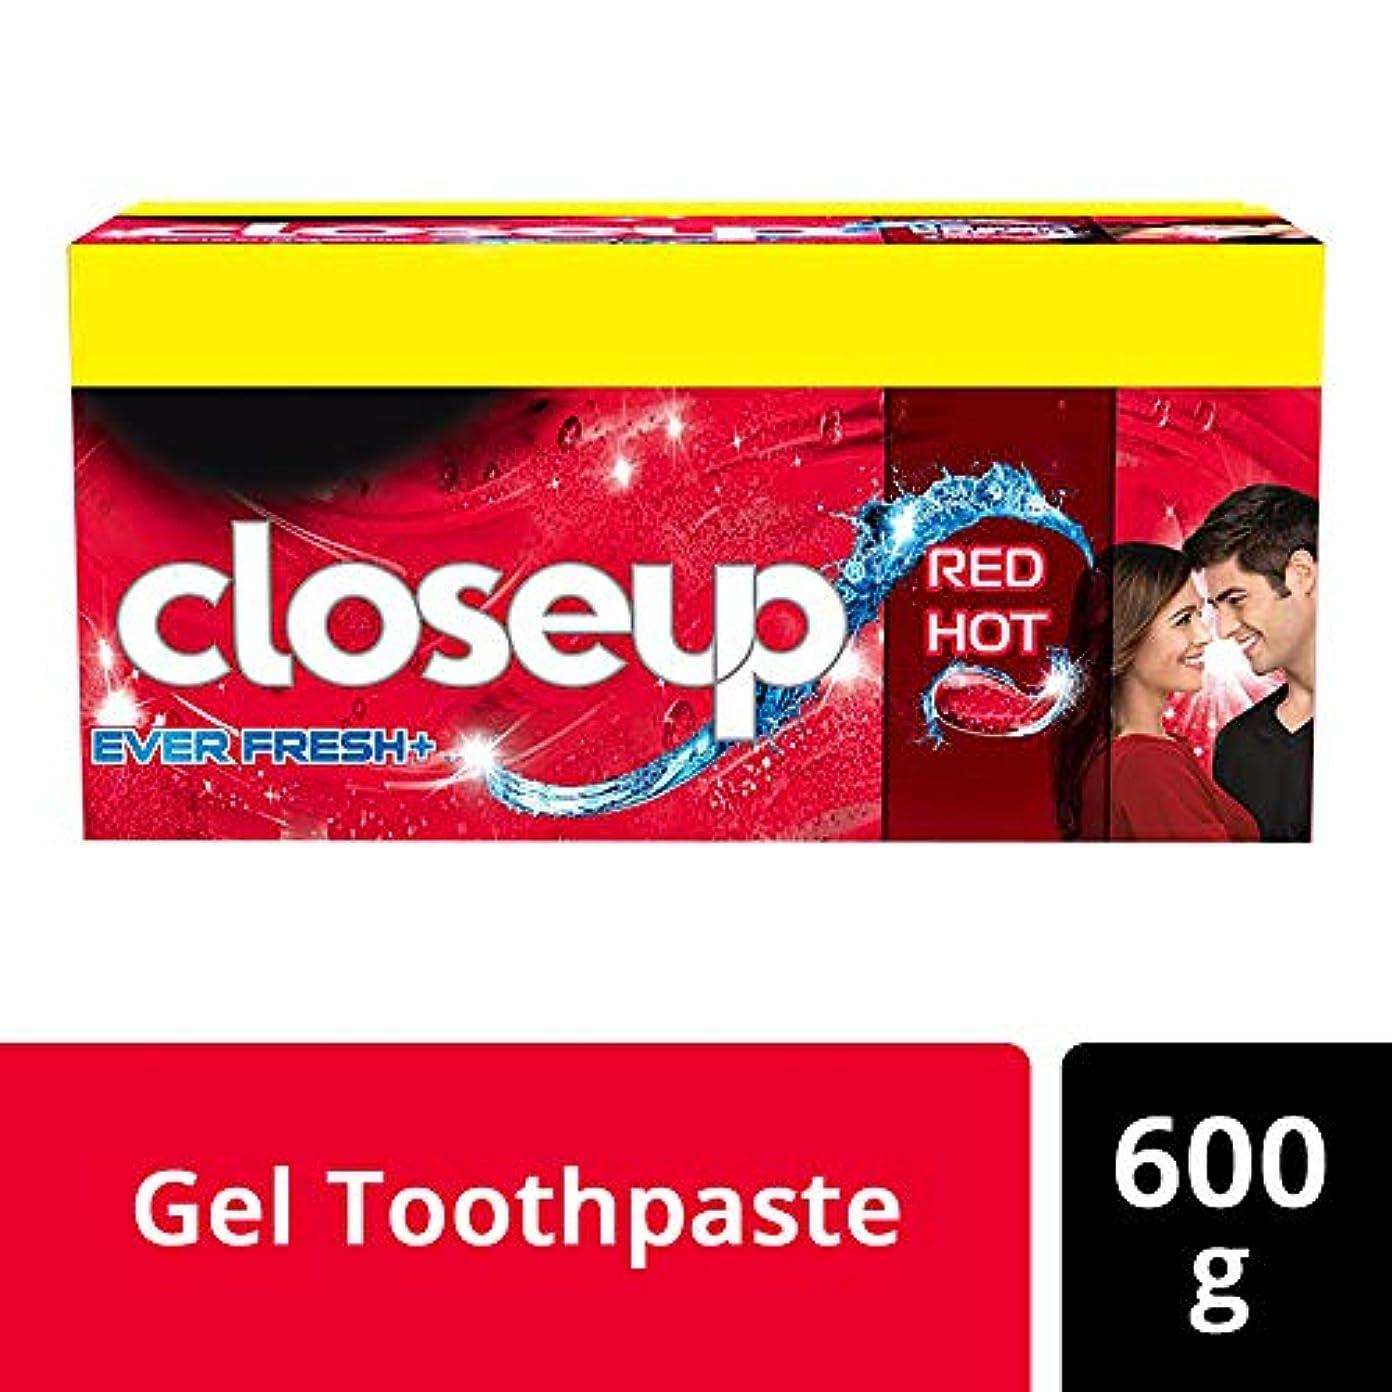 平日ブル仕様Closeup Ever Fresh Red Hot Gel Toothpaste - 150 g (Buy 3 get 1)